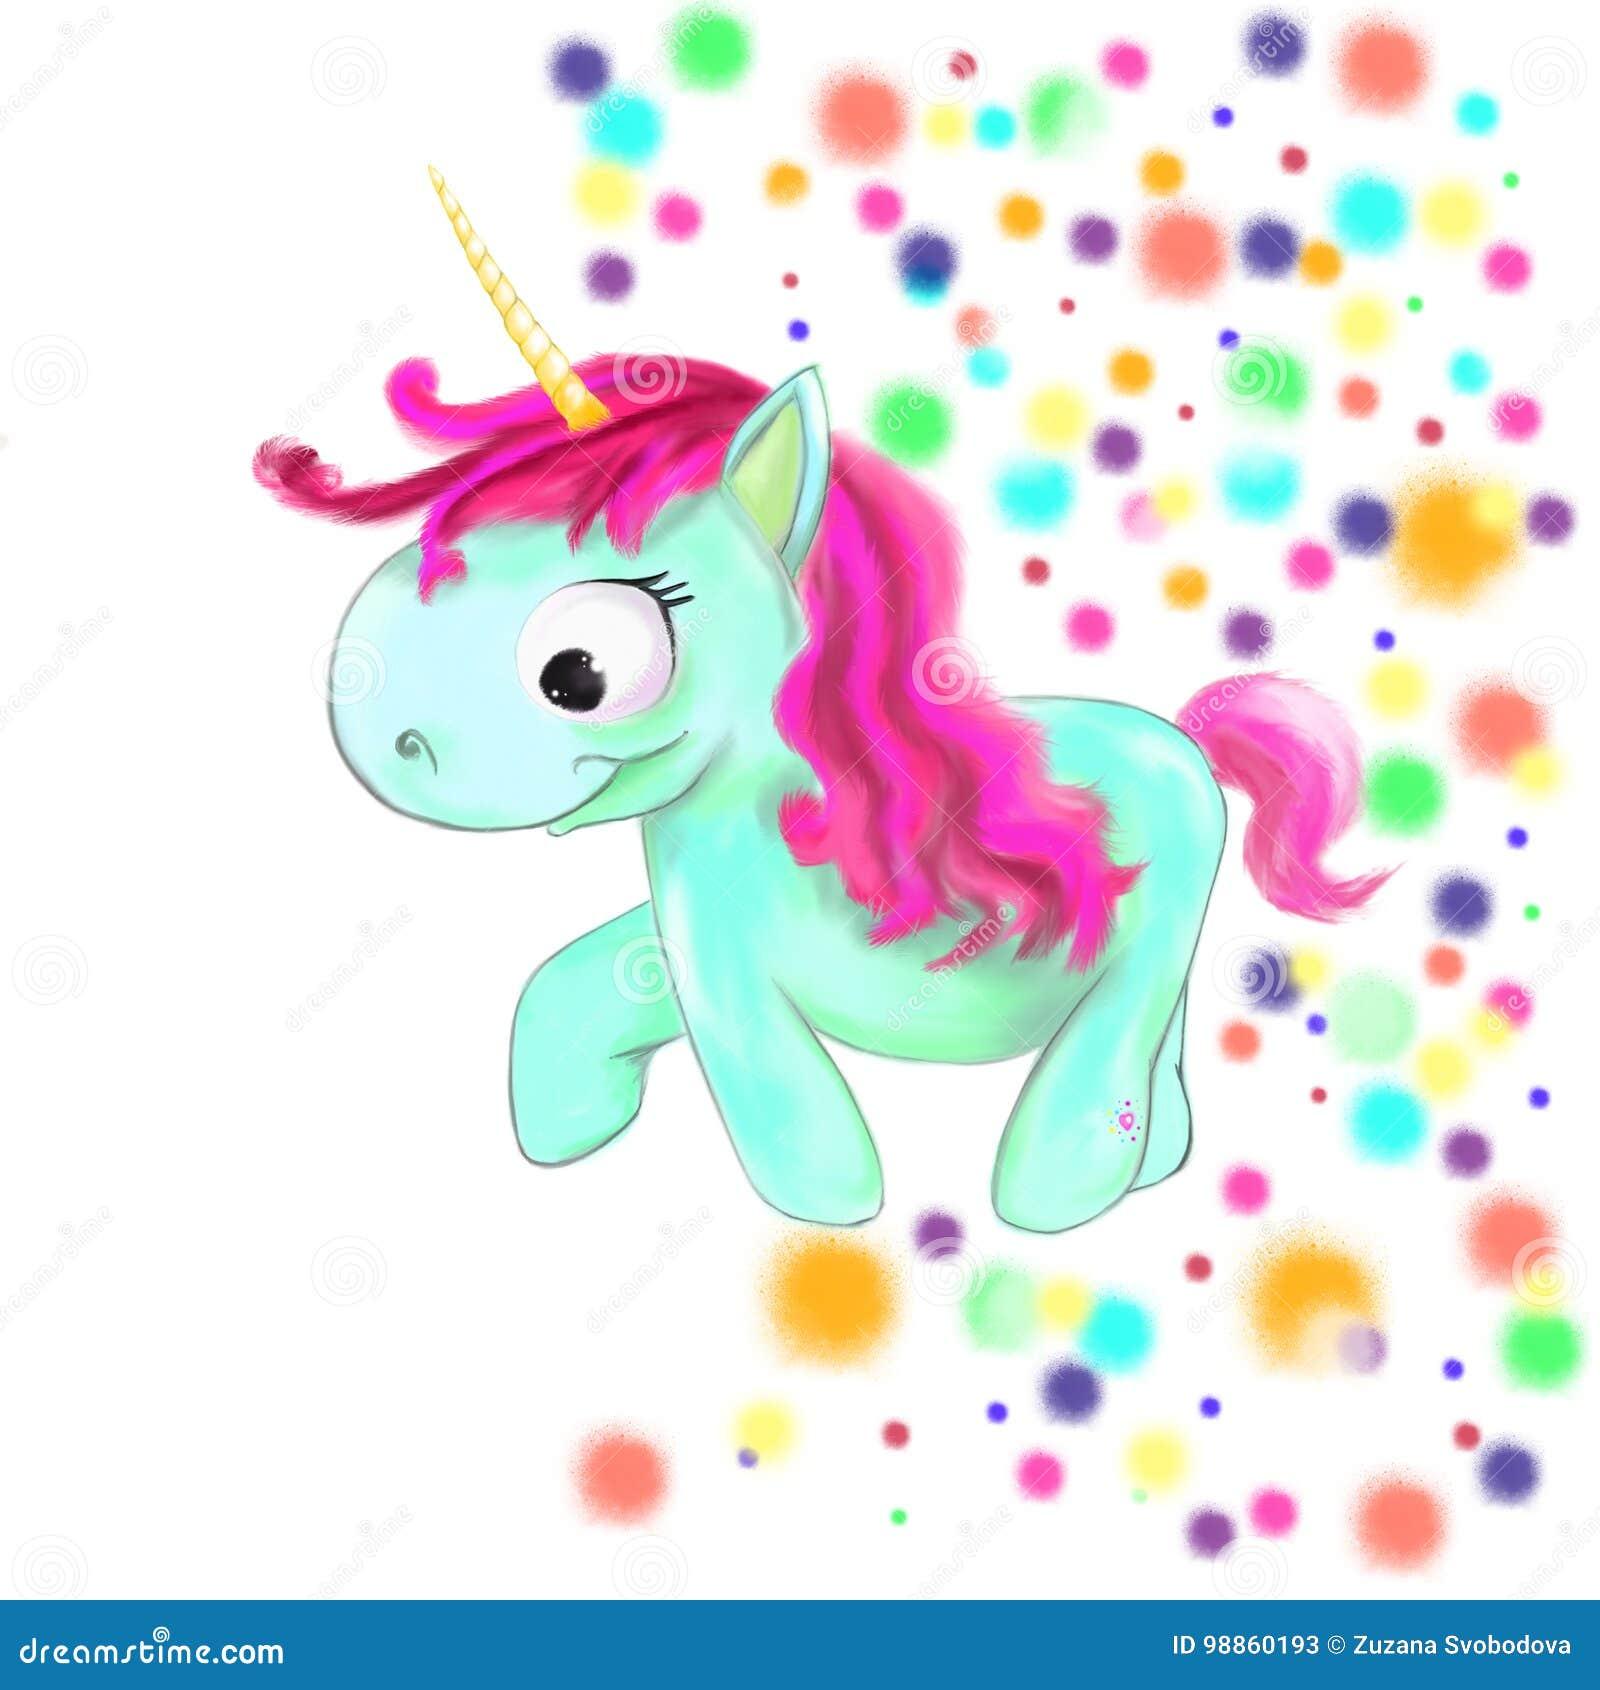 Unicorno Sveglio Illustrato Con I Punti Colorati Su Fondo Bianco